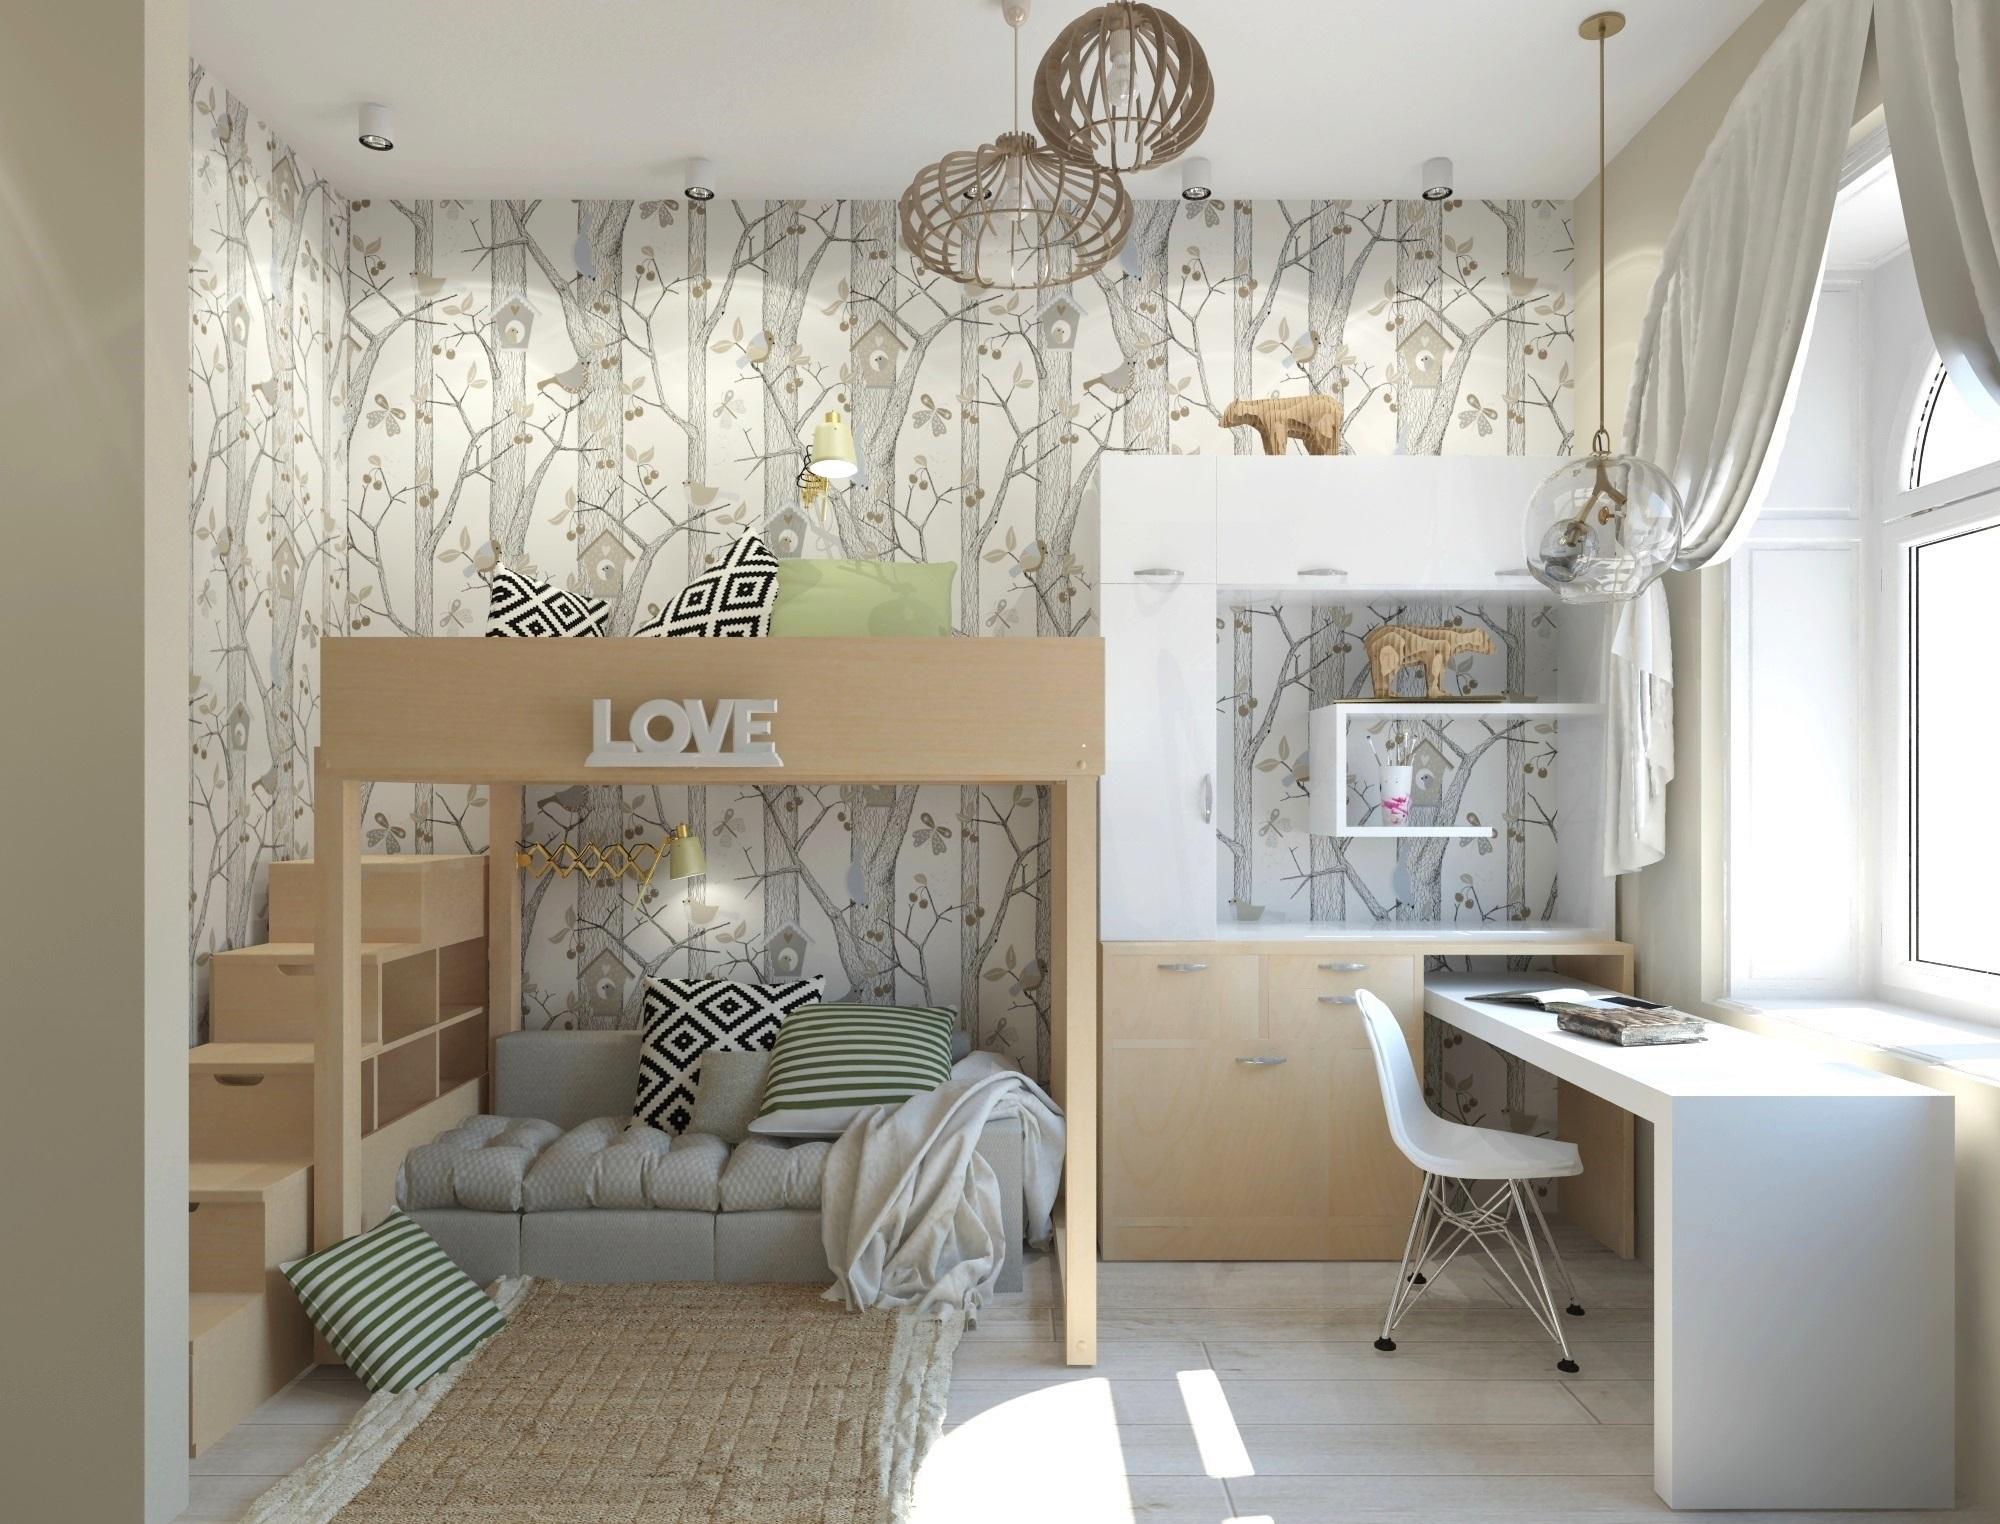 дизайн детской комнаты фото идеи